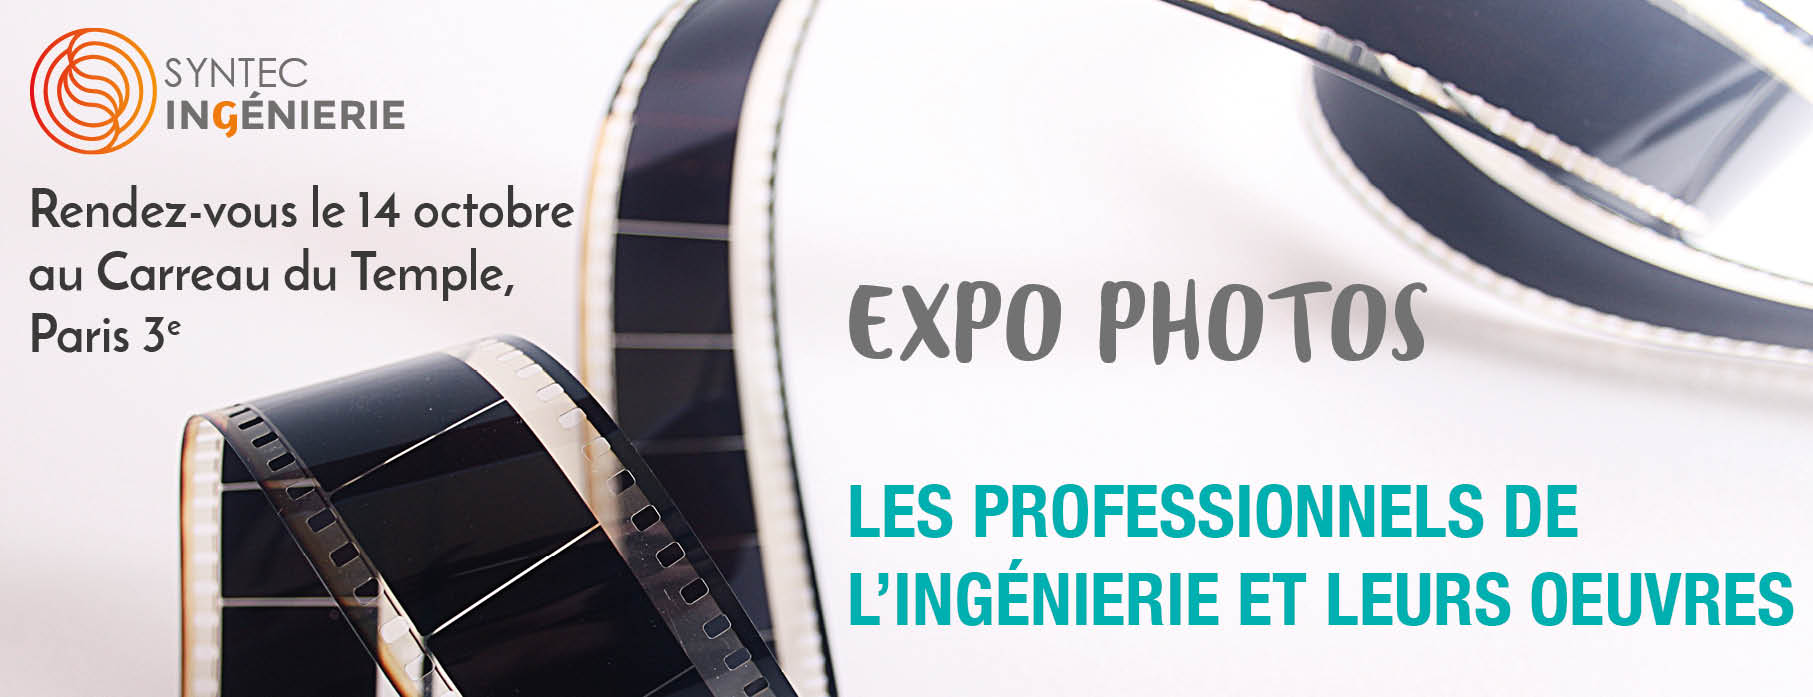 Les professionnels de l'ingénierie et leurs œuvres : visitez notre exposition photos avec Factstory, filiale de l'AFP le 14 octobre